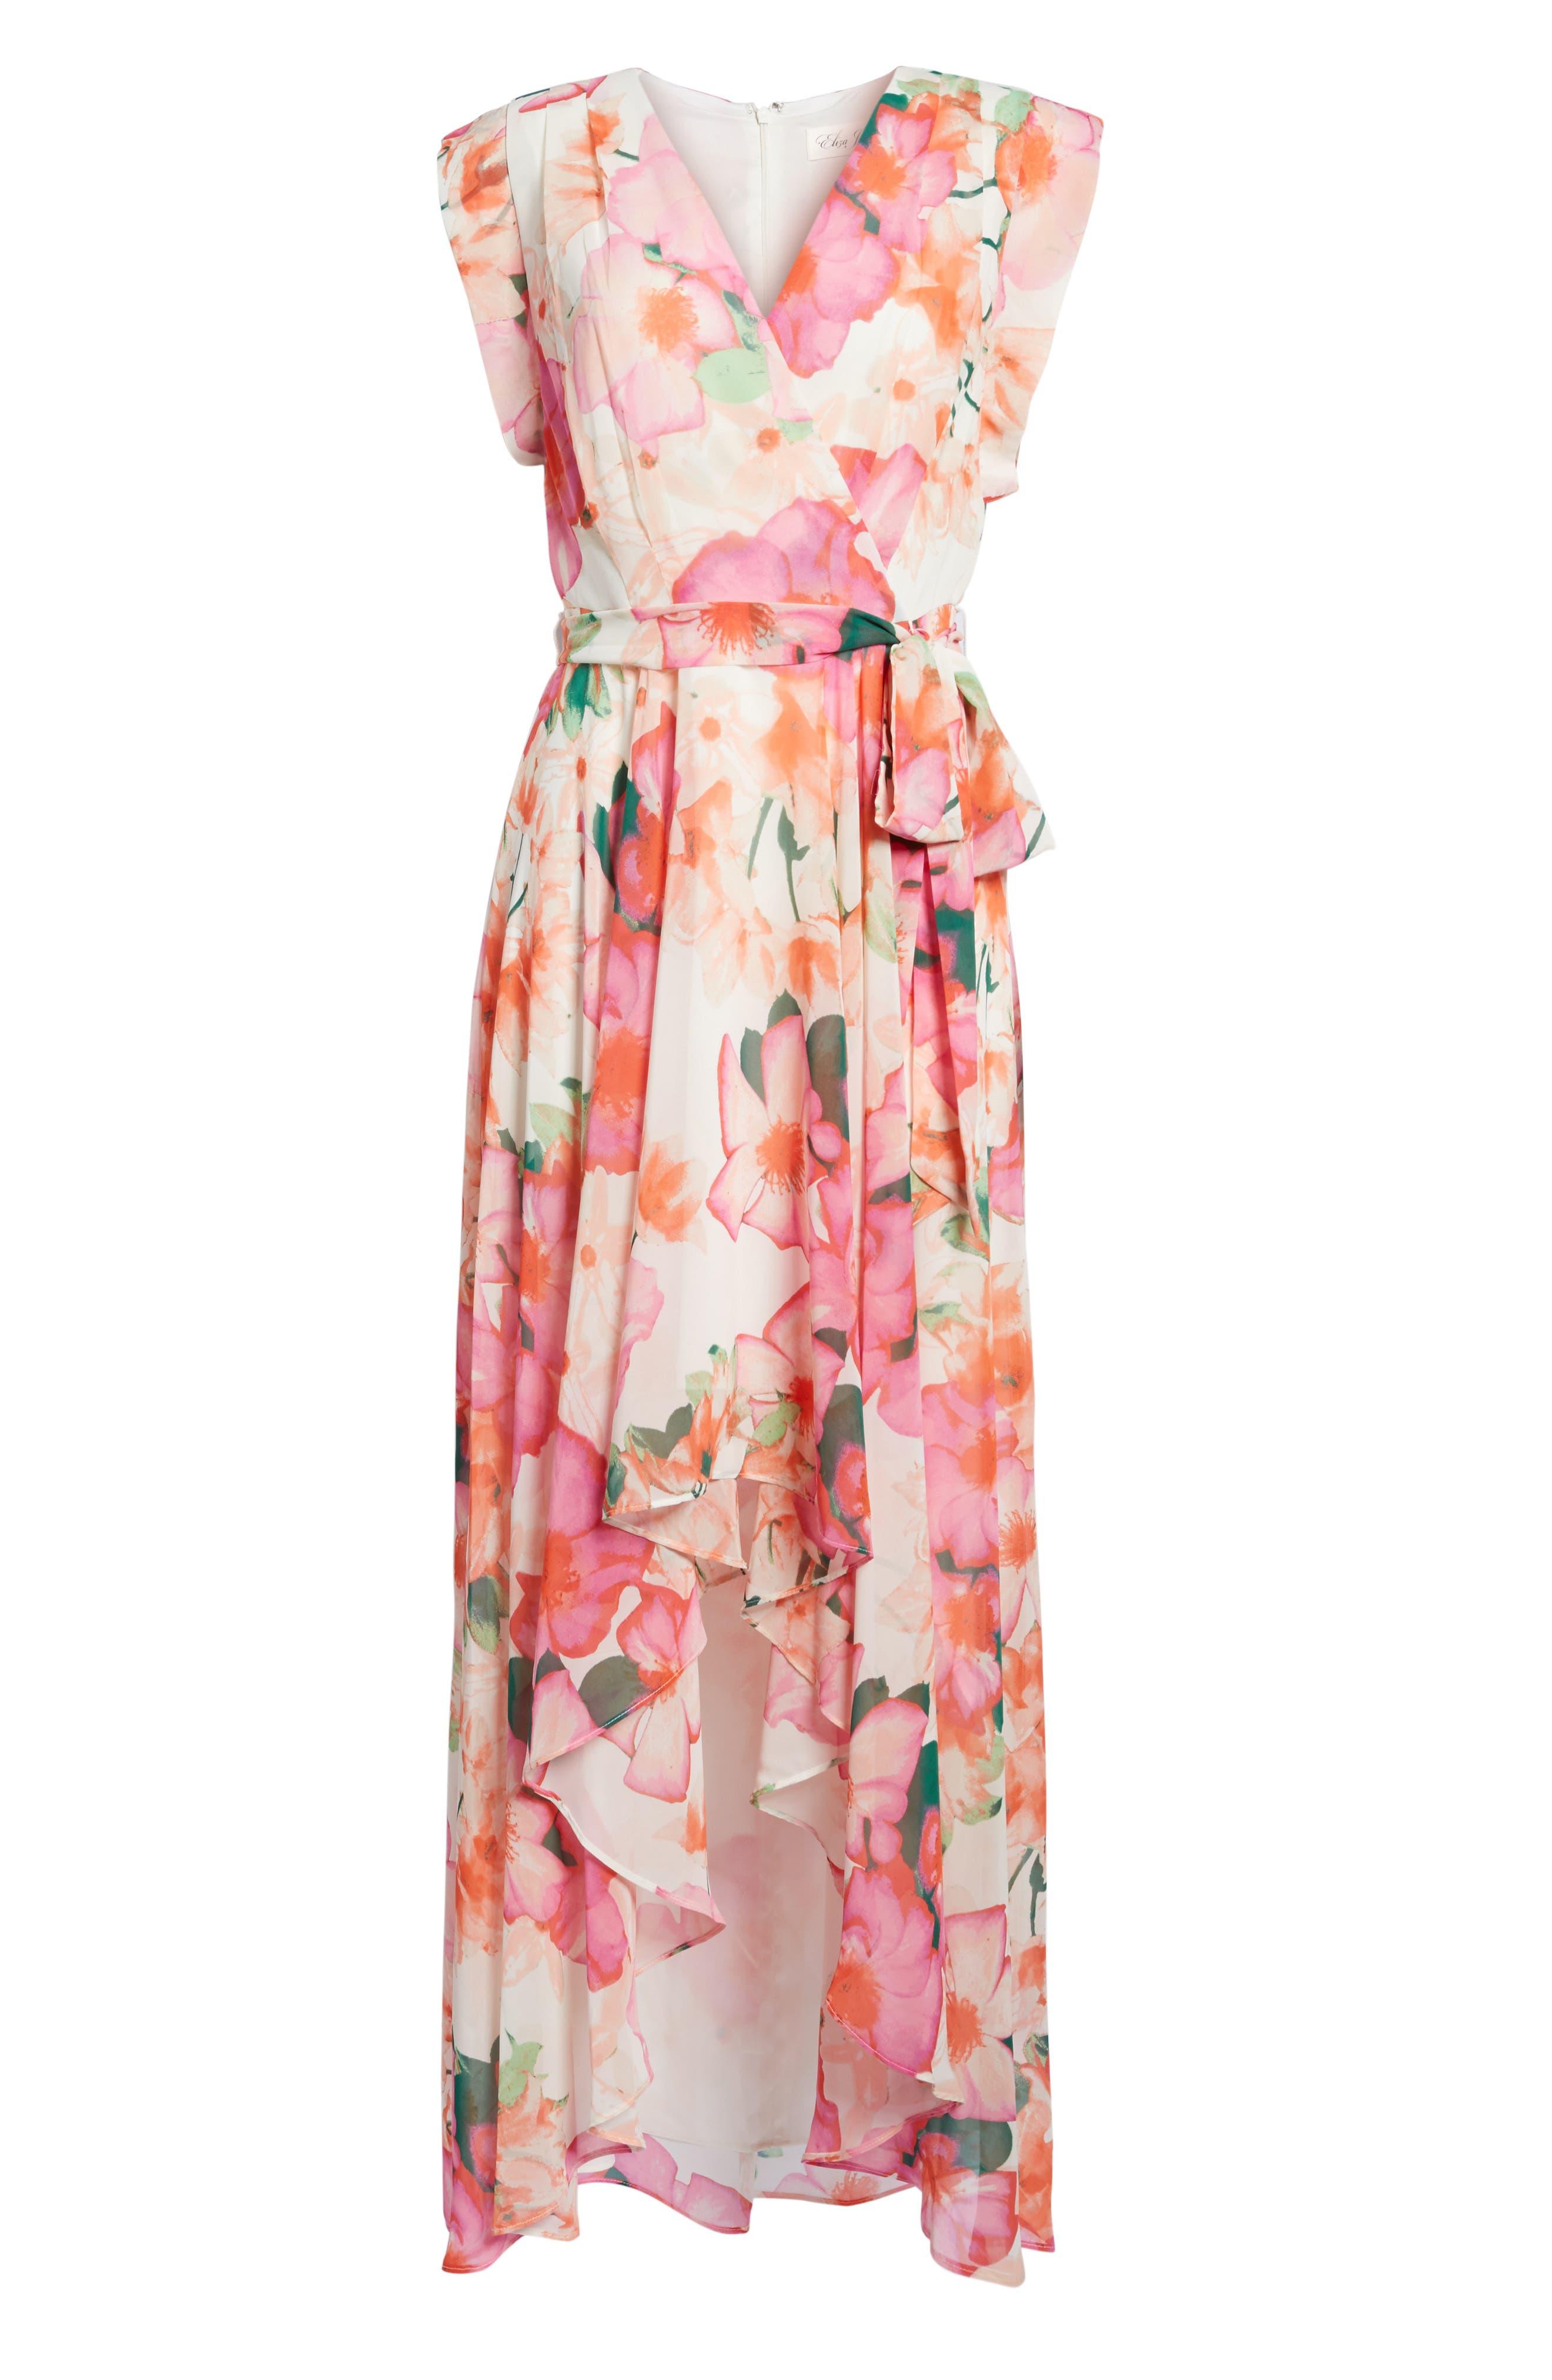 ELIZA J, Floral Print Gown, Alternate thumbnail 2, color, 653